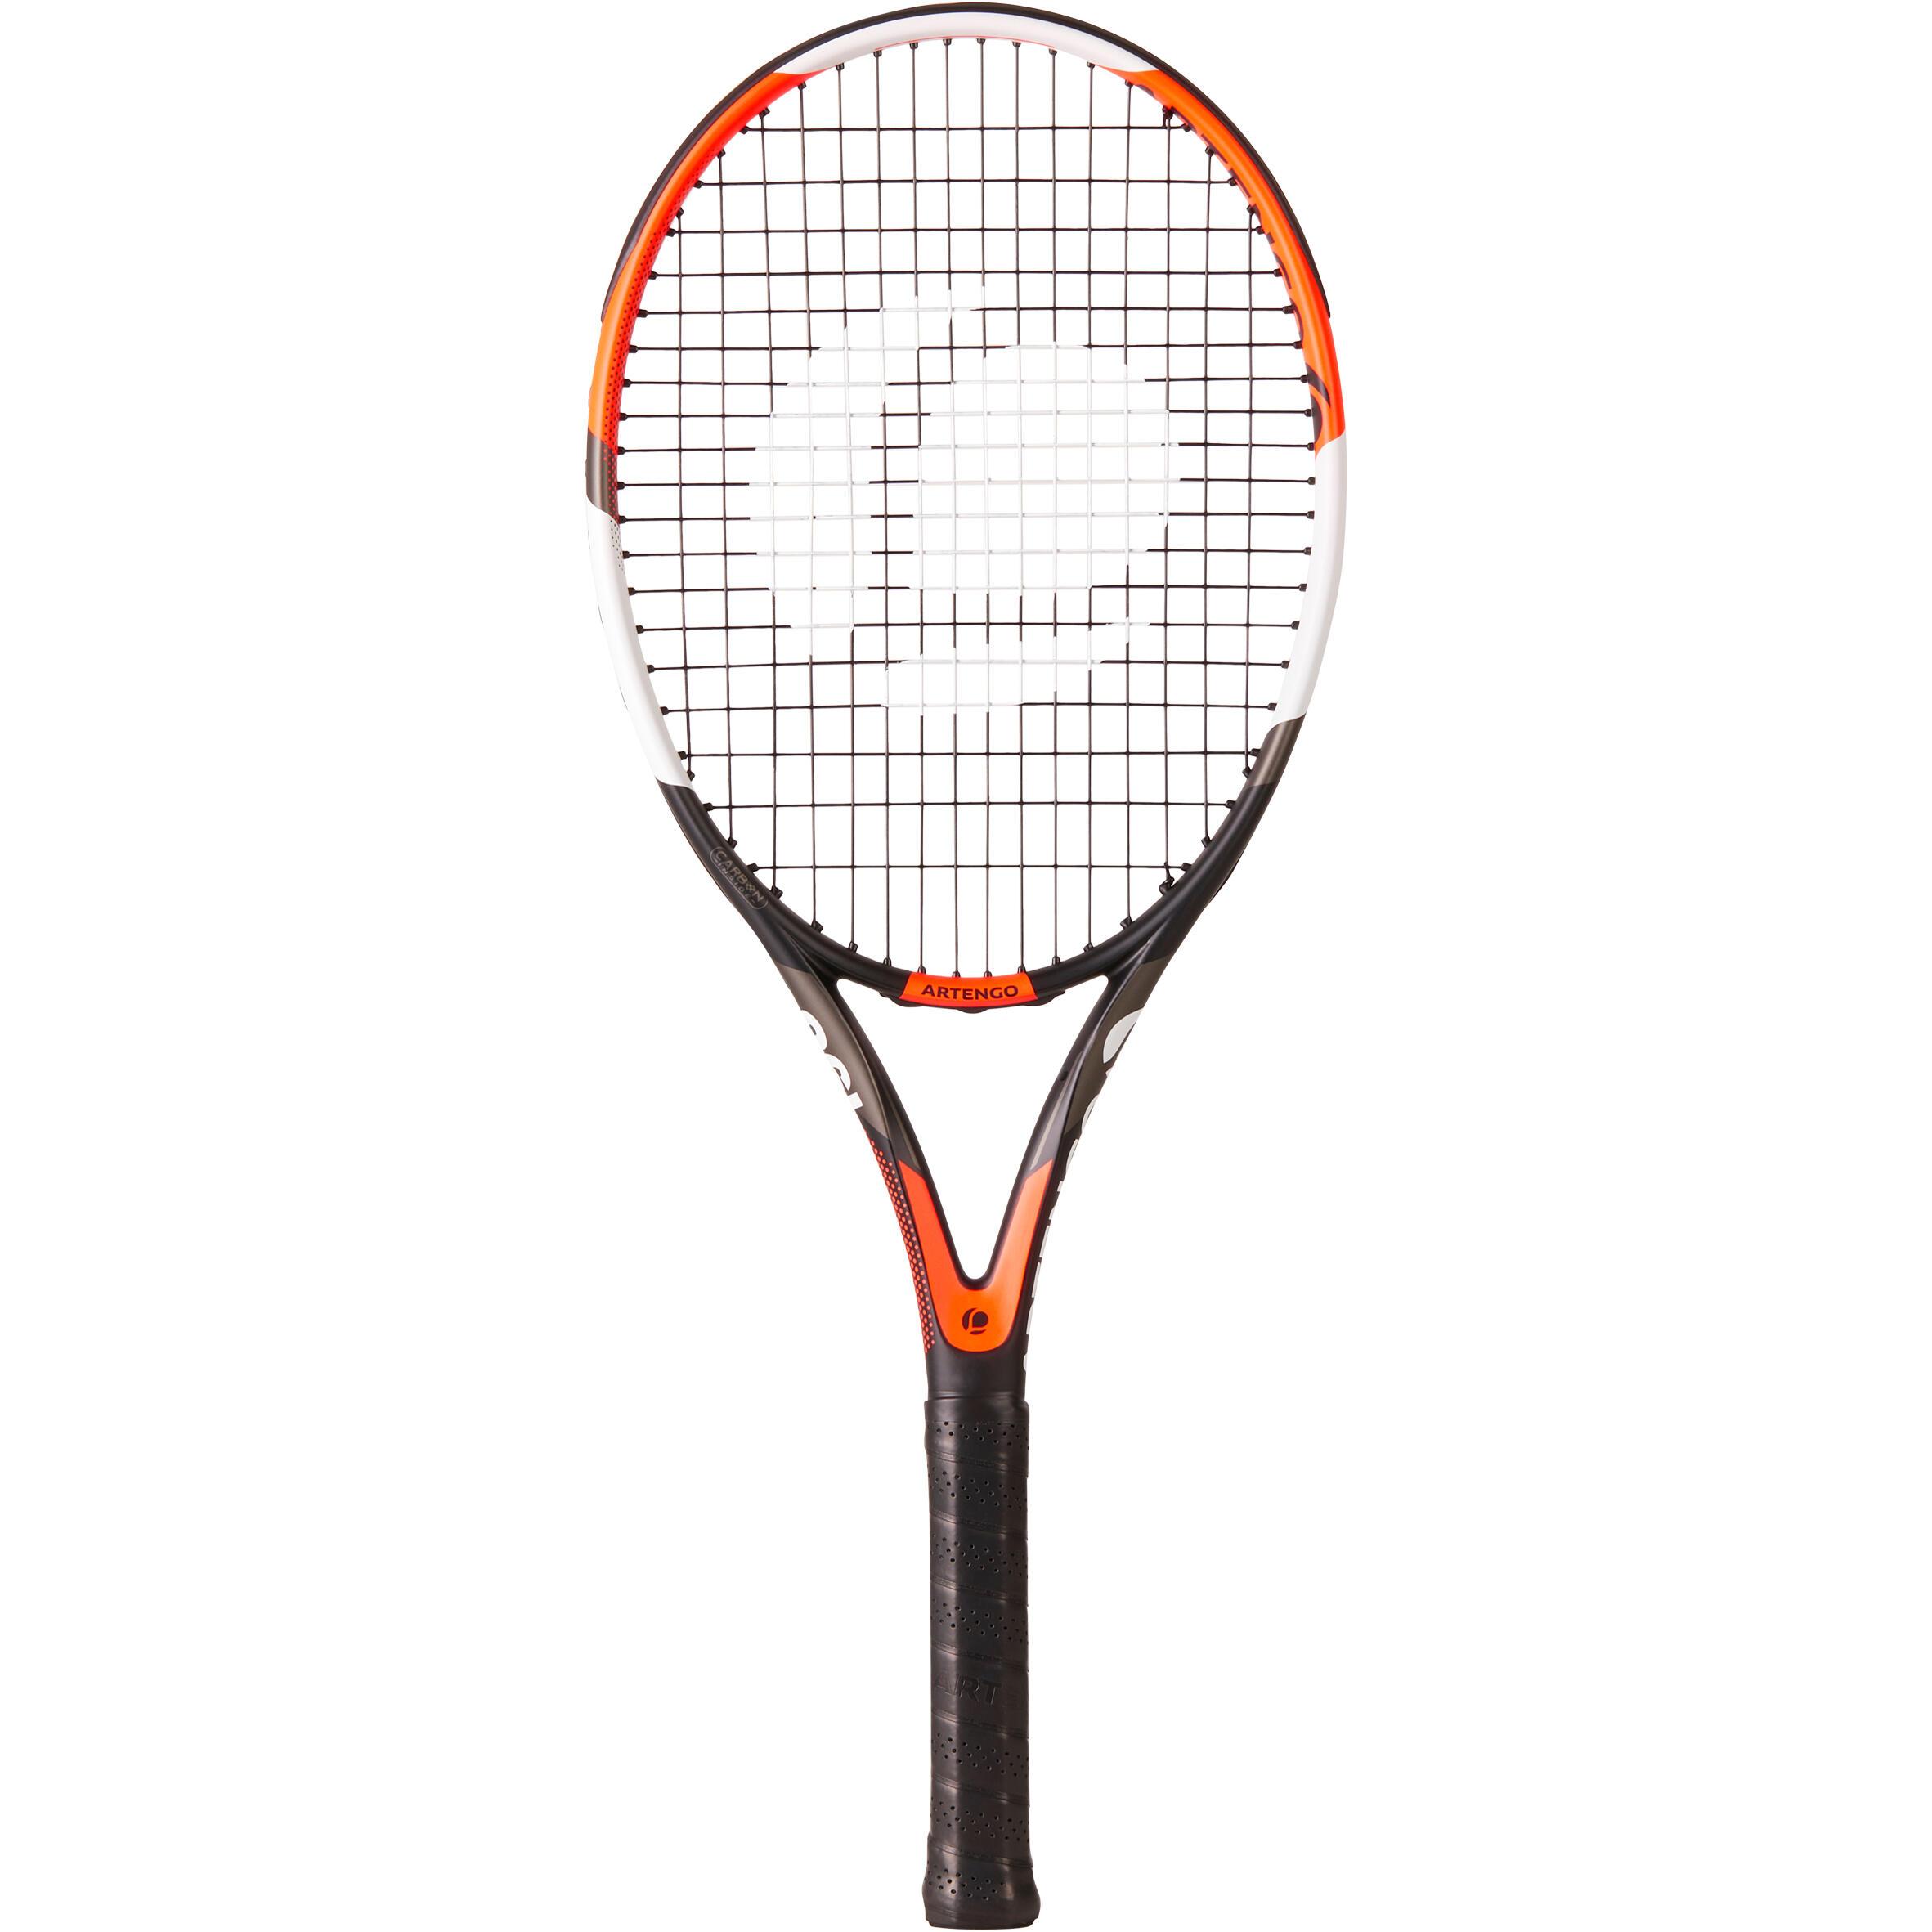 Artengo Tennisracket voor volwassenen TR190 Power oranje/zwart